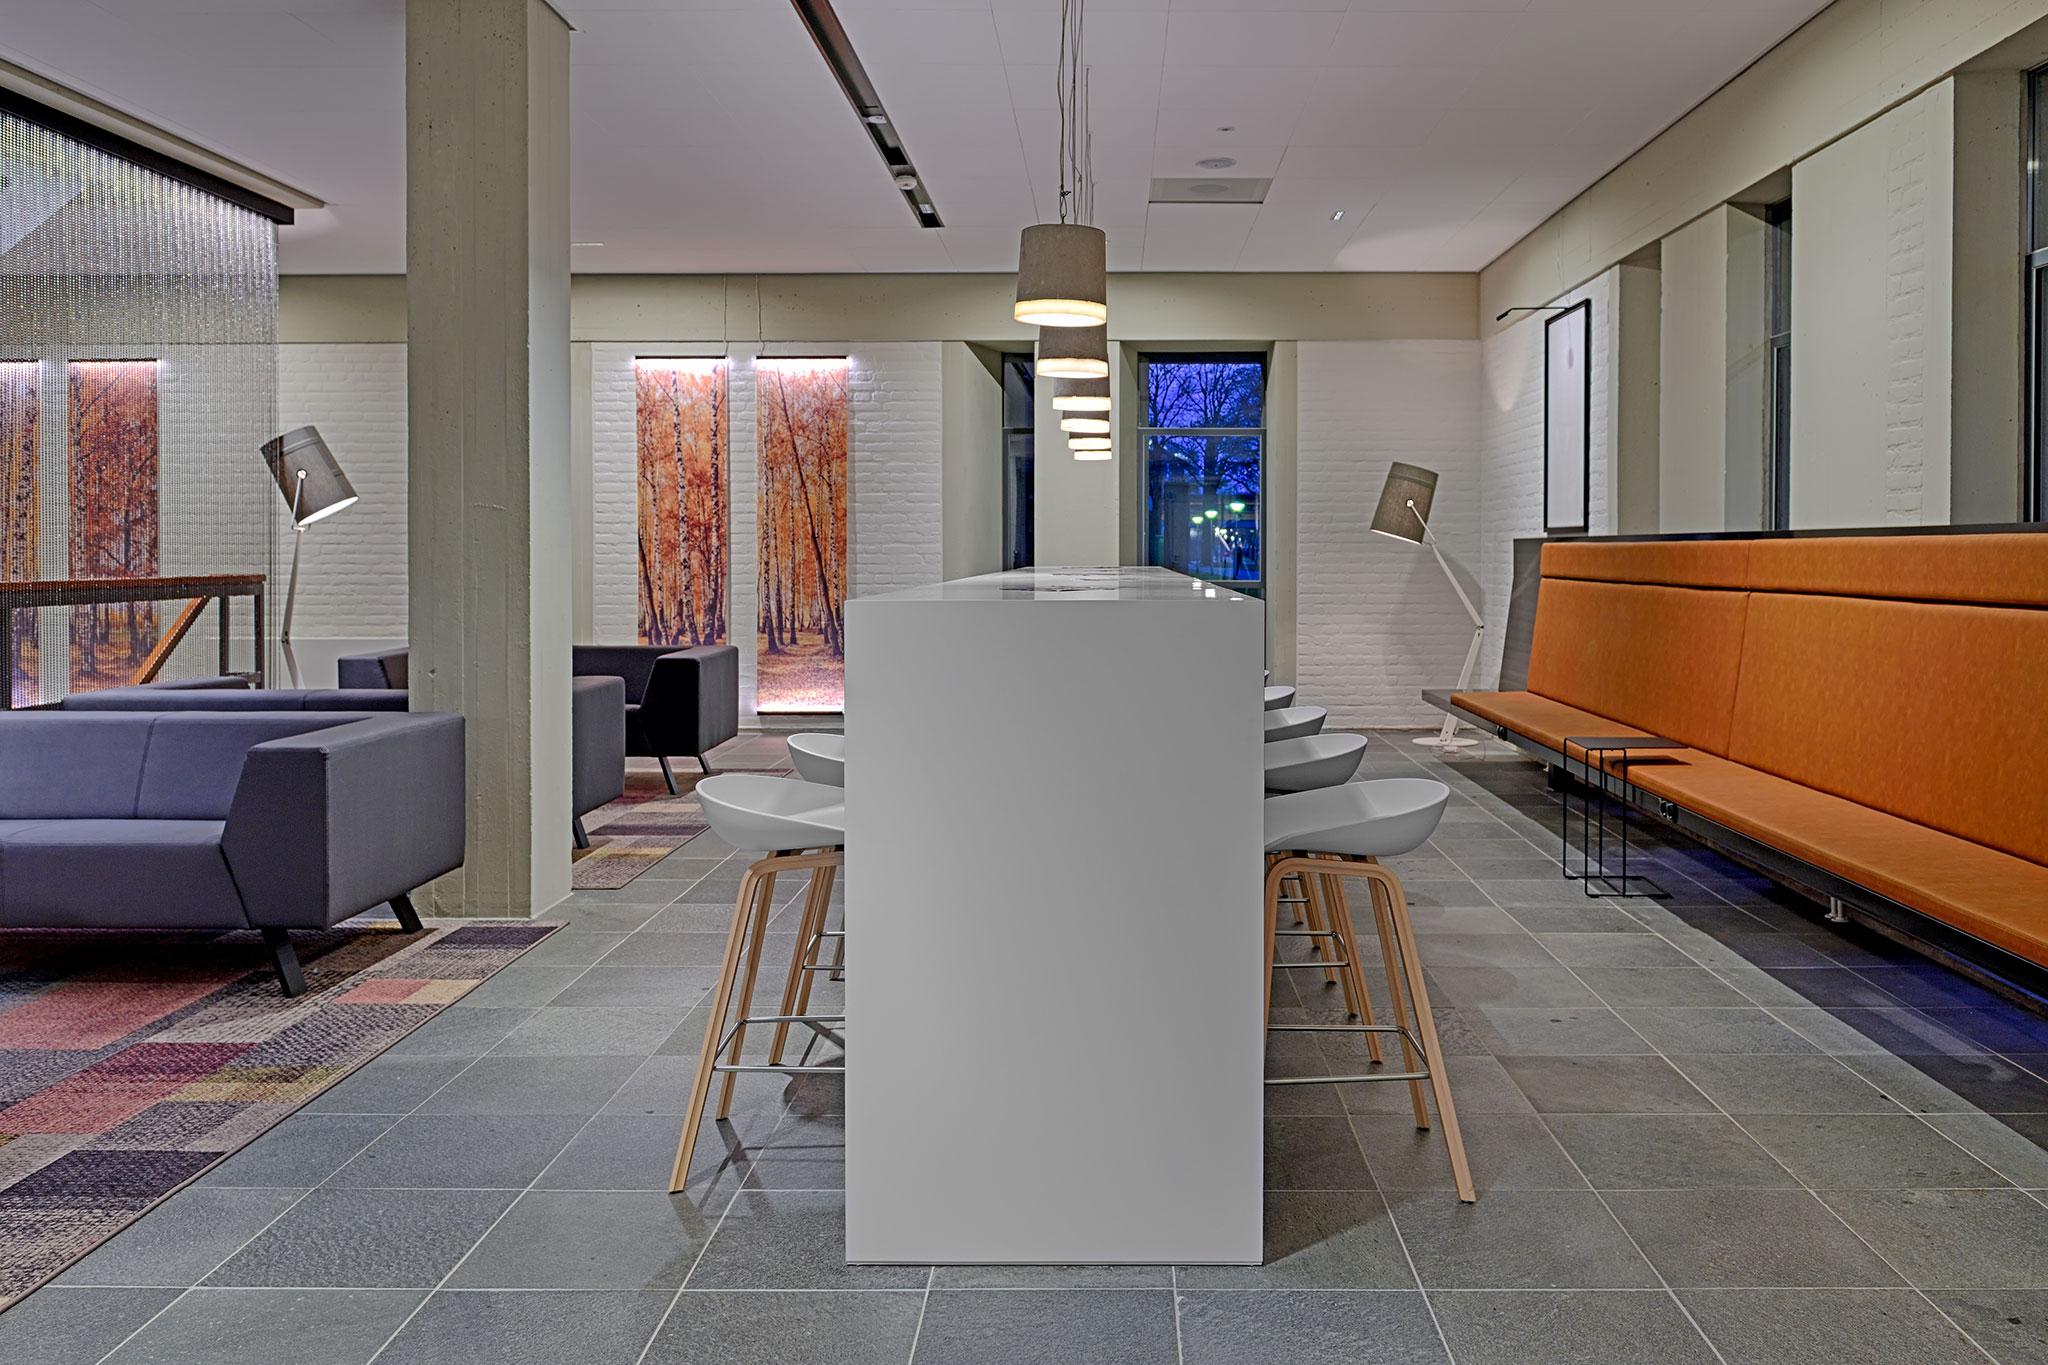 entree-m230-studiecentrum2017-11-30_cornelissen_nijmegen_radboud_007